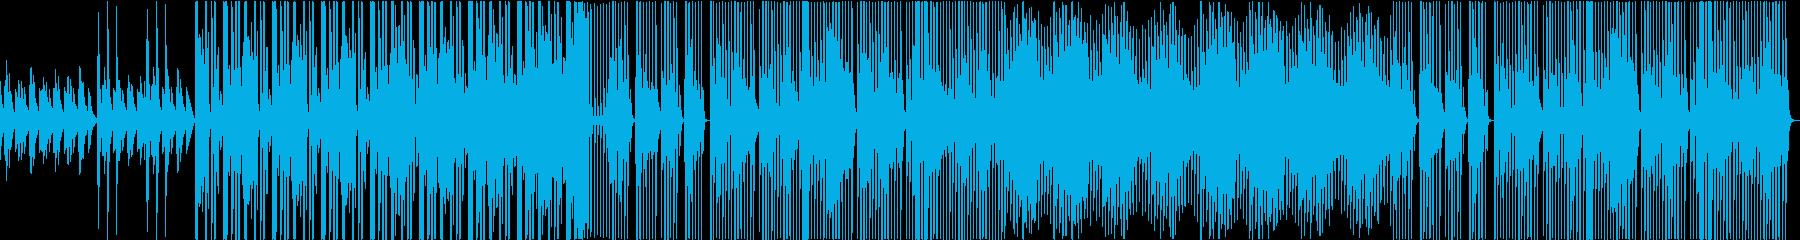 森・木・自然・ピアノ・かわいいポップスの再生済みの波形